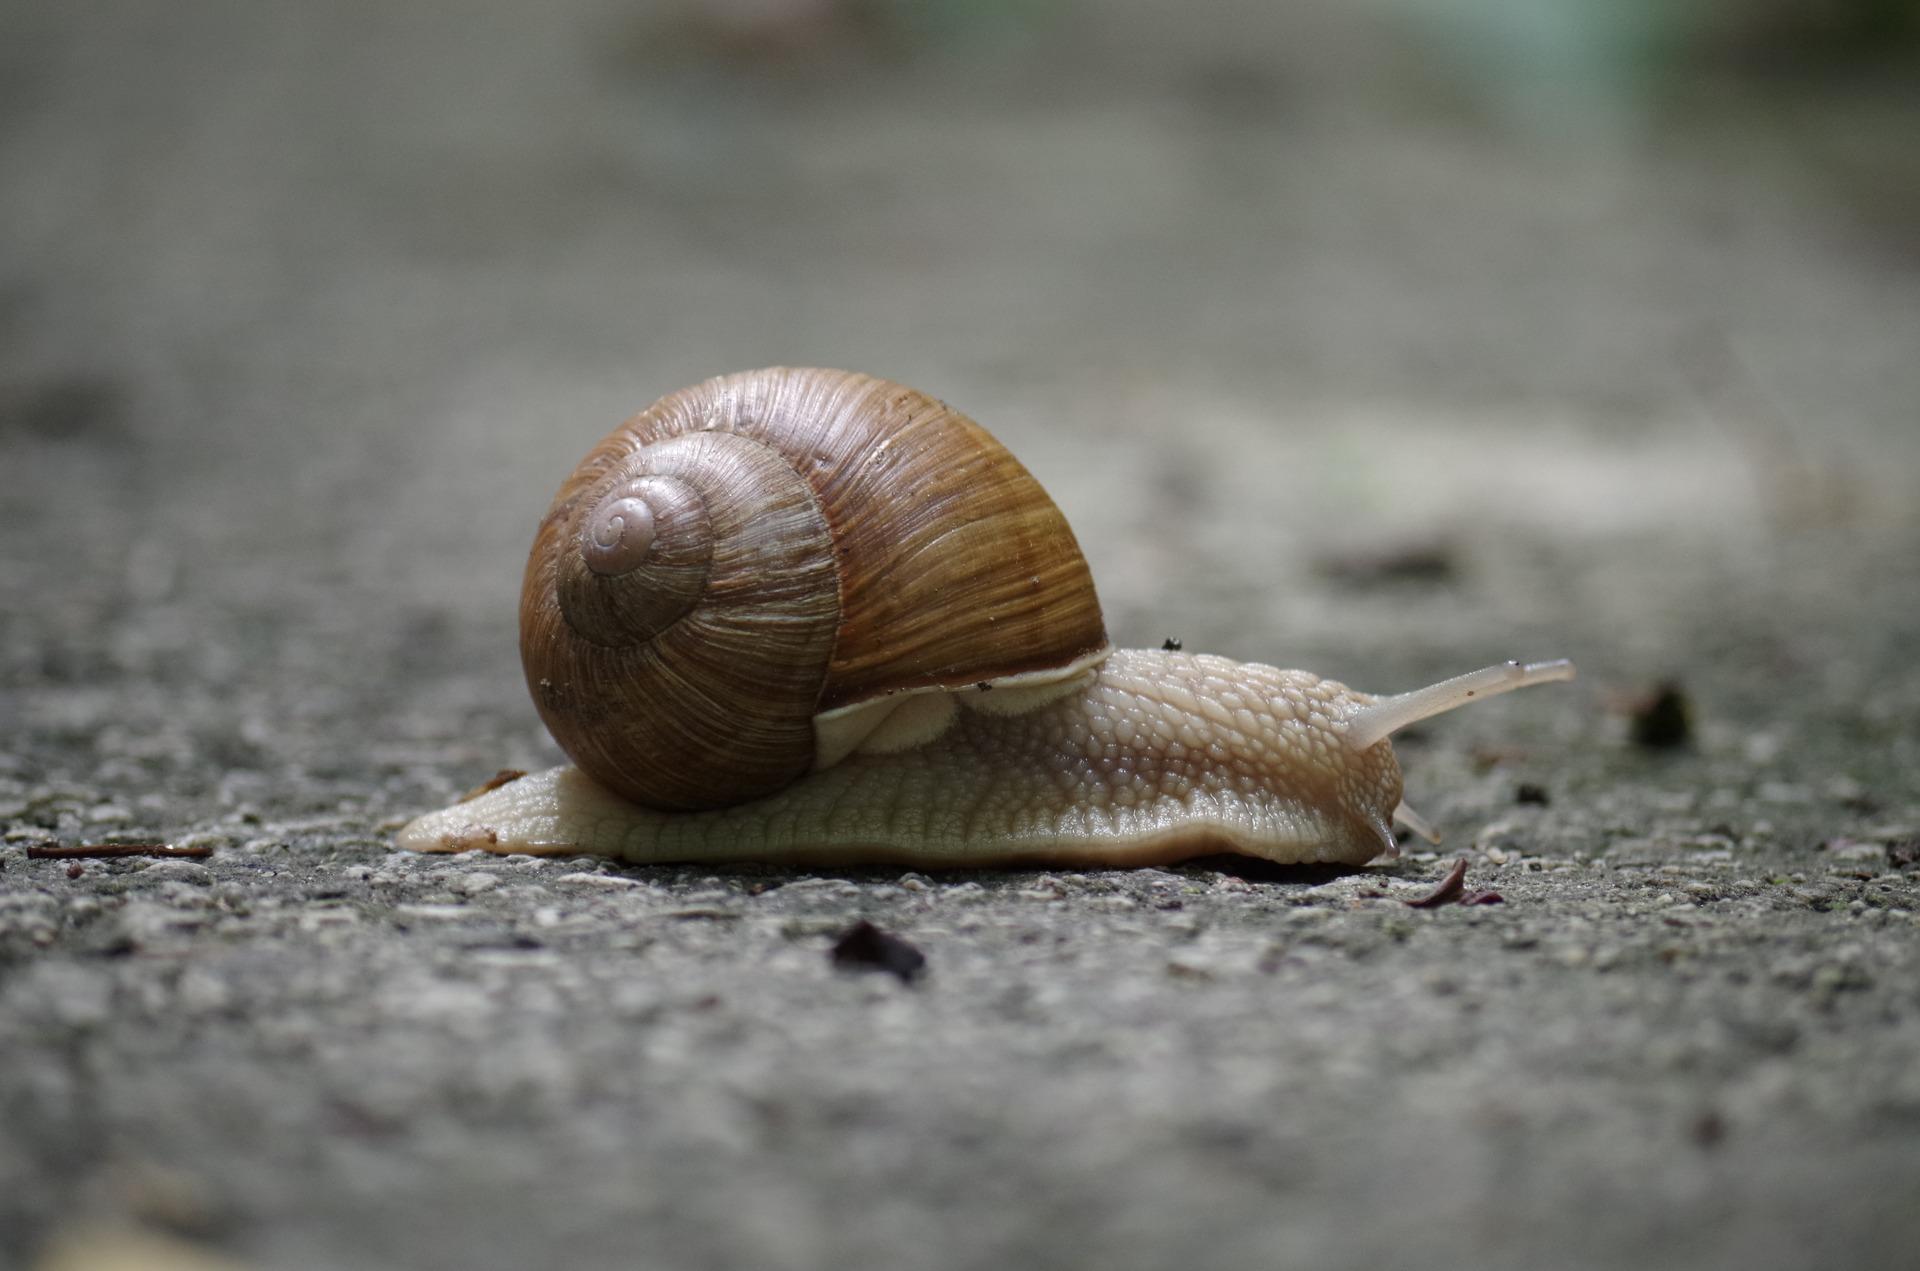 snail-1547648_1920